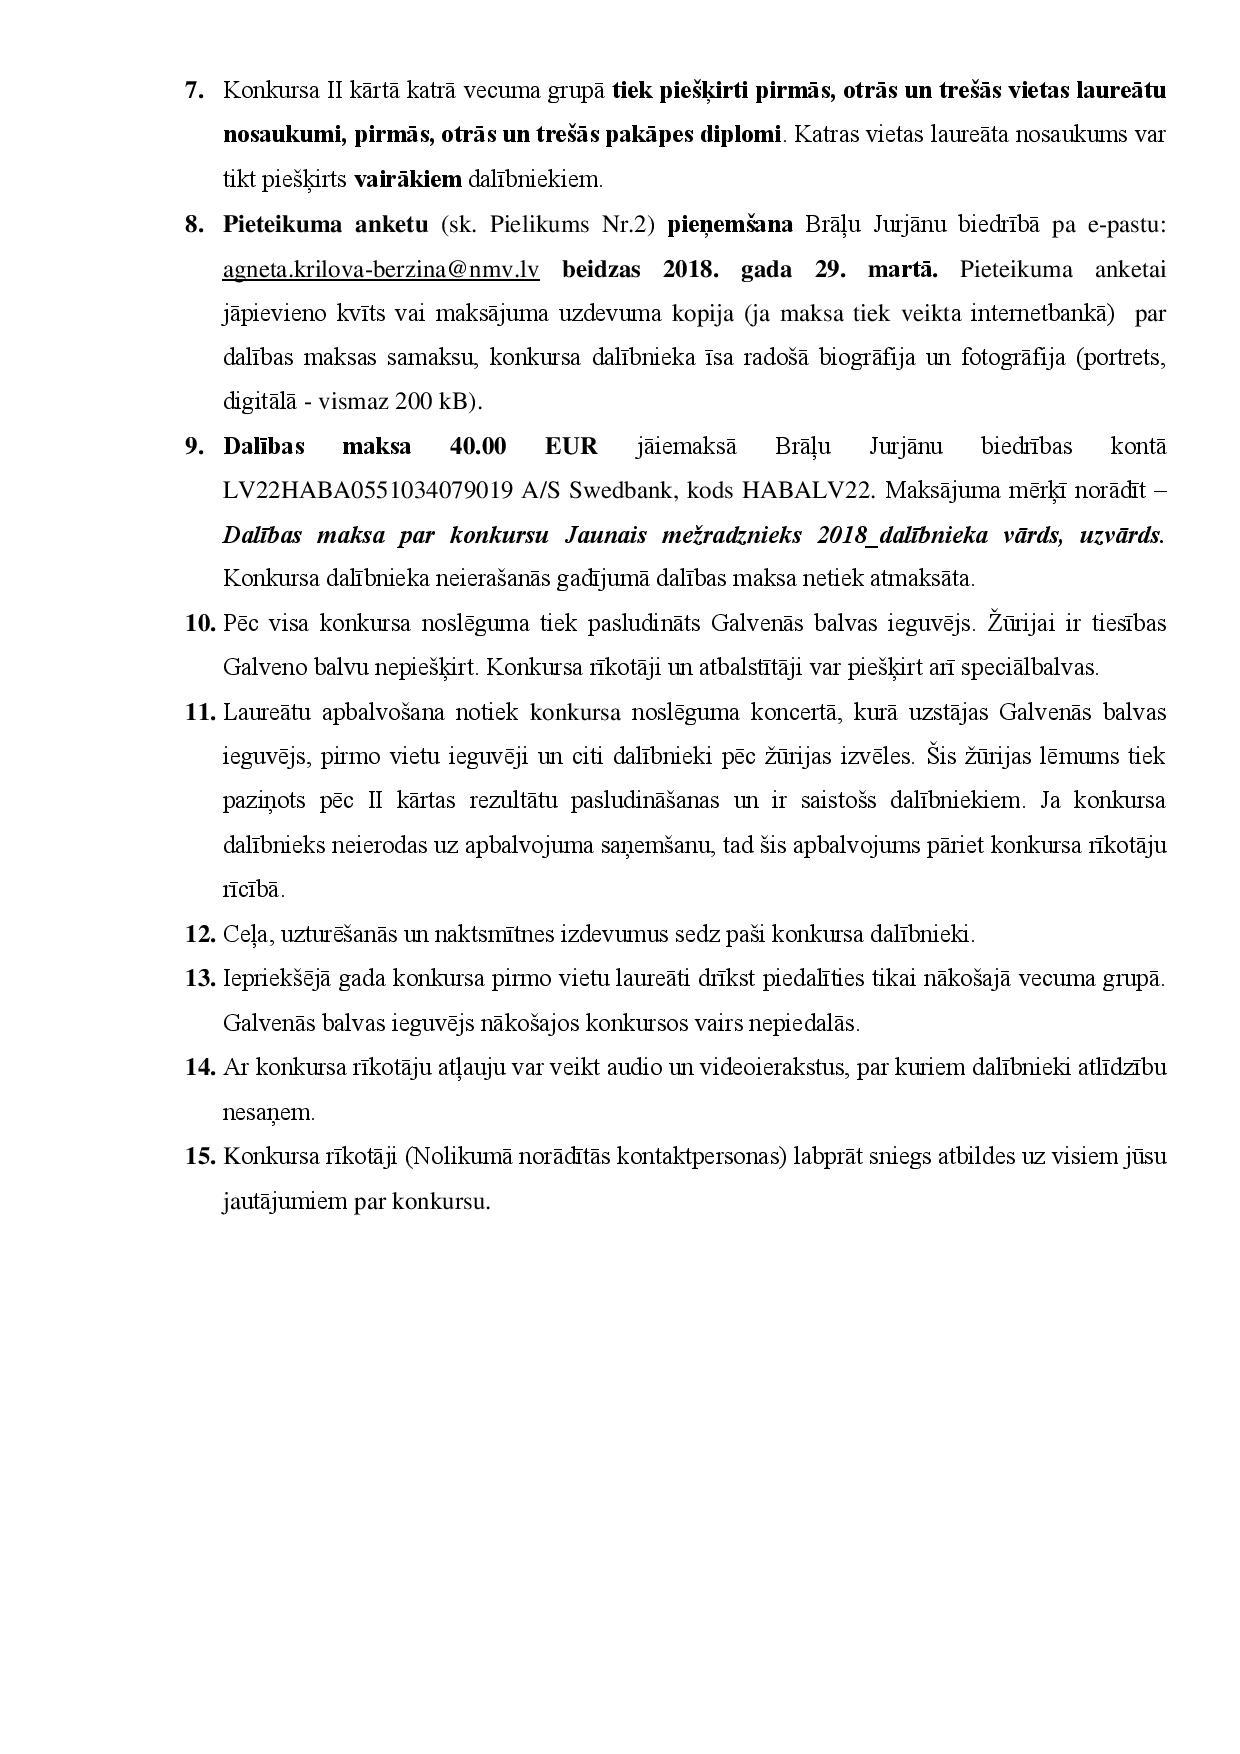 Konkurss_Jaunais mezradznieks_2018_Nolikums_Programma_Pieteikuma anketa_I-page-002